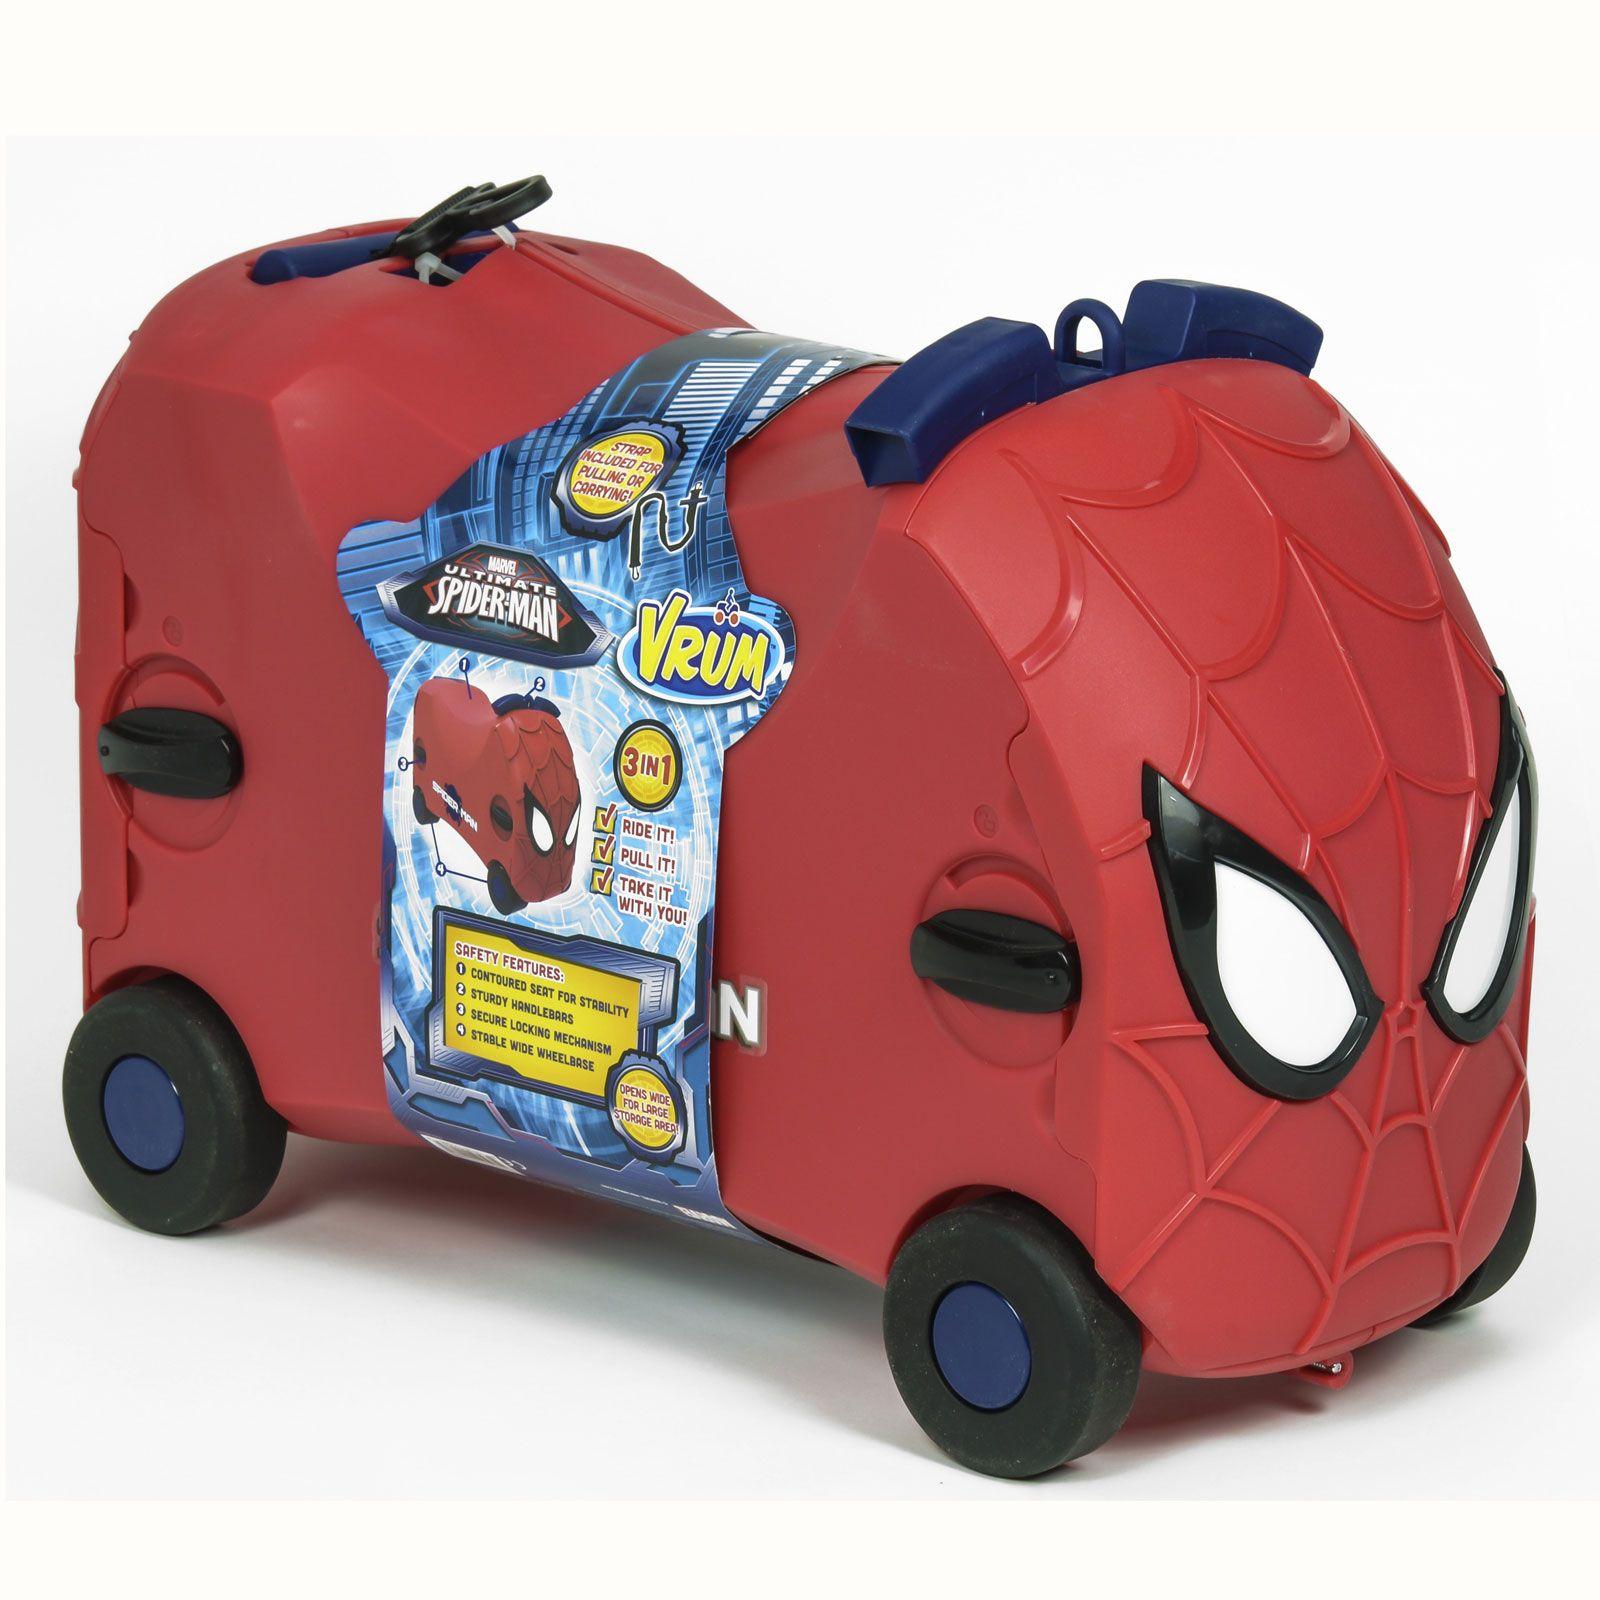 Spiderman Ride On Toy Box Amp Luggage Suitcase Vrum Like